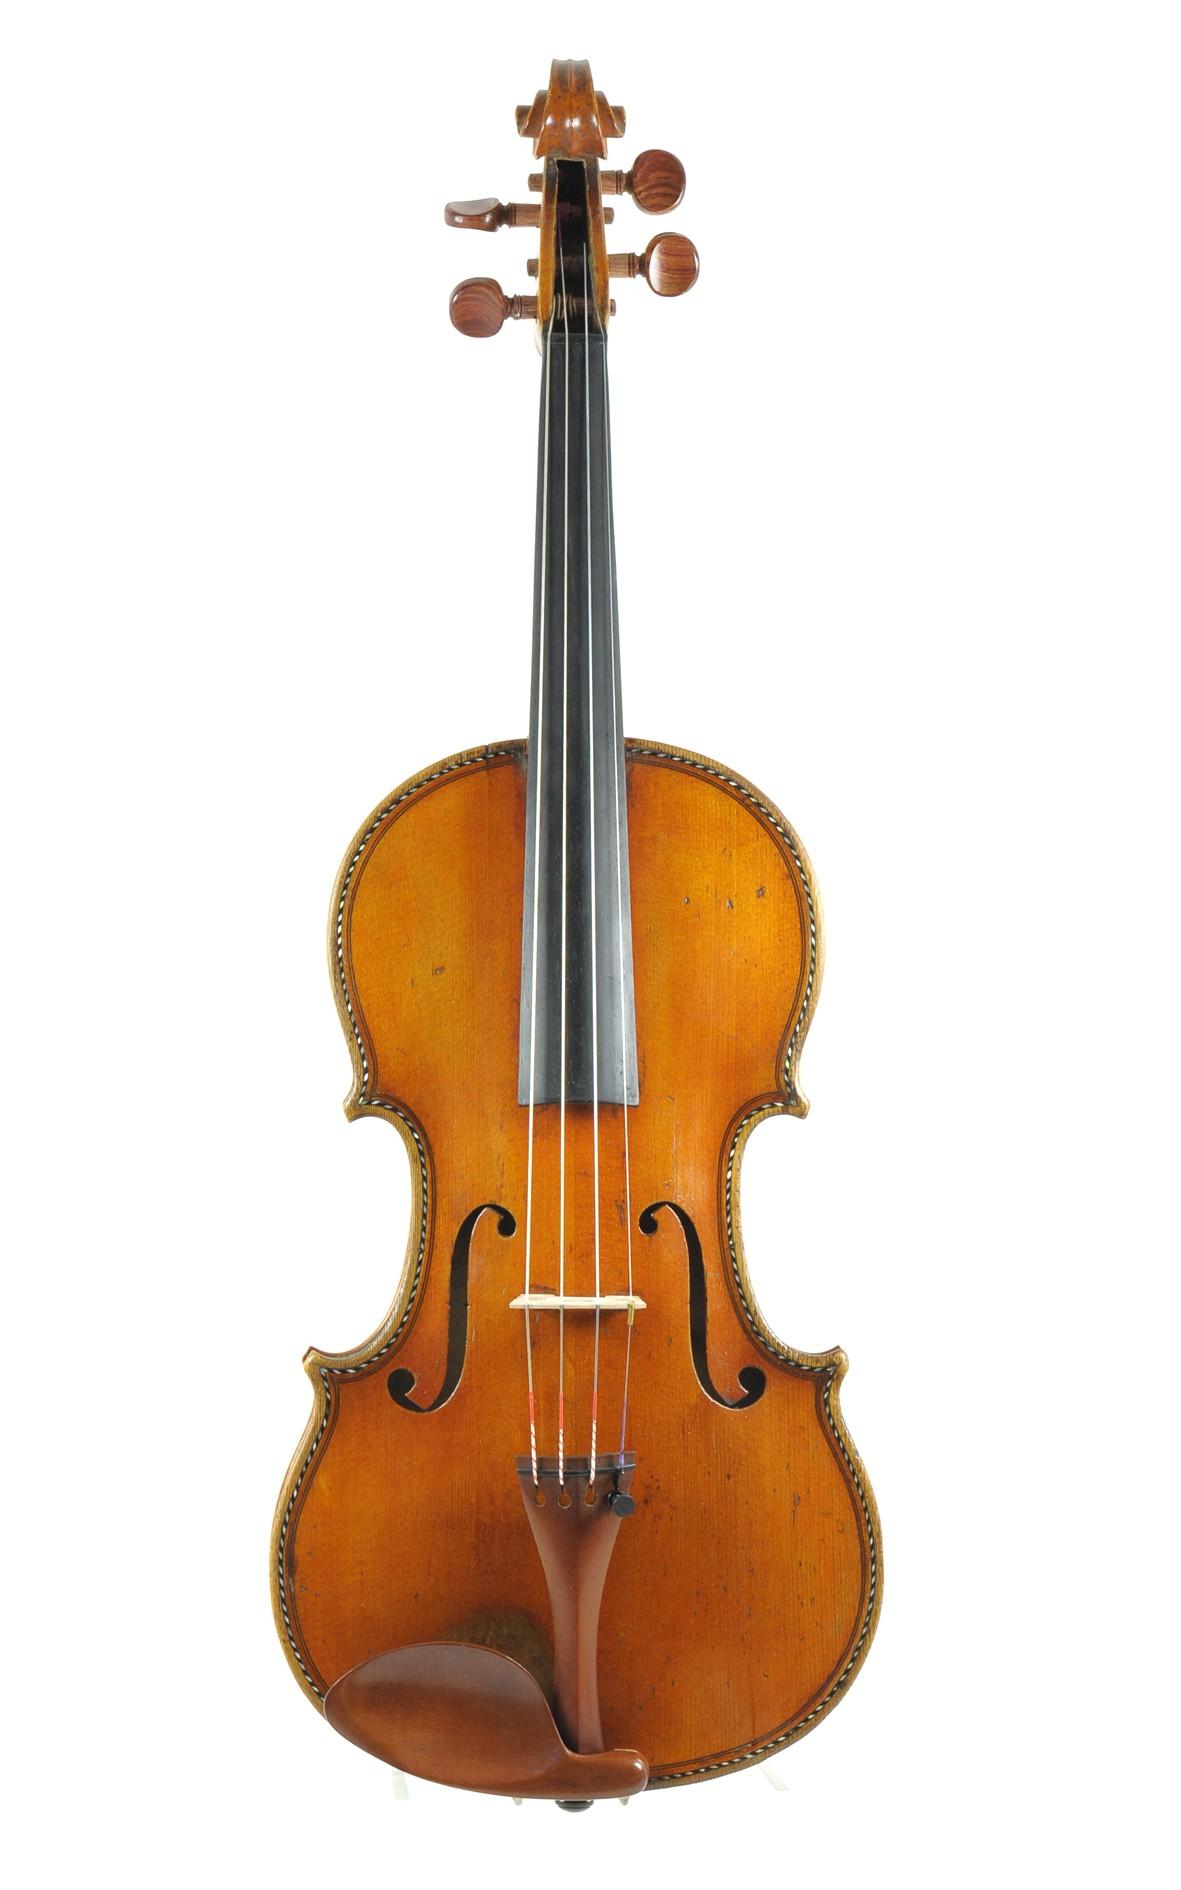 Hellier Stradivari copy by François Alexis Maline